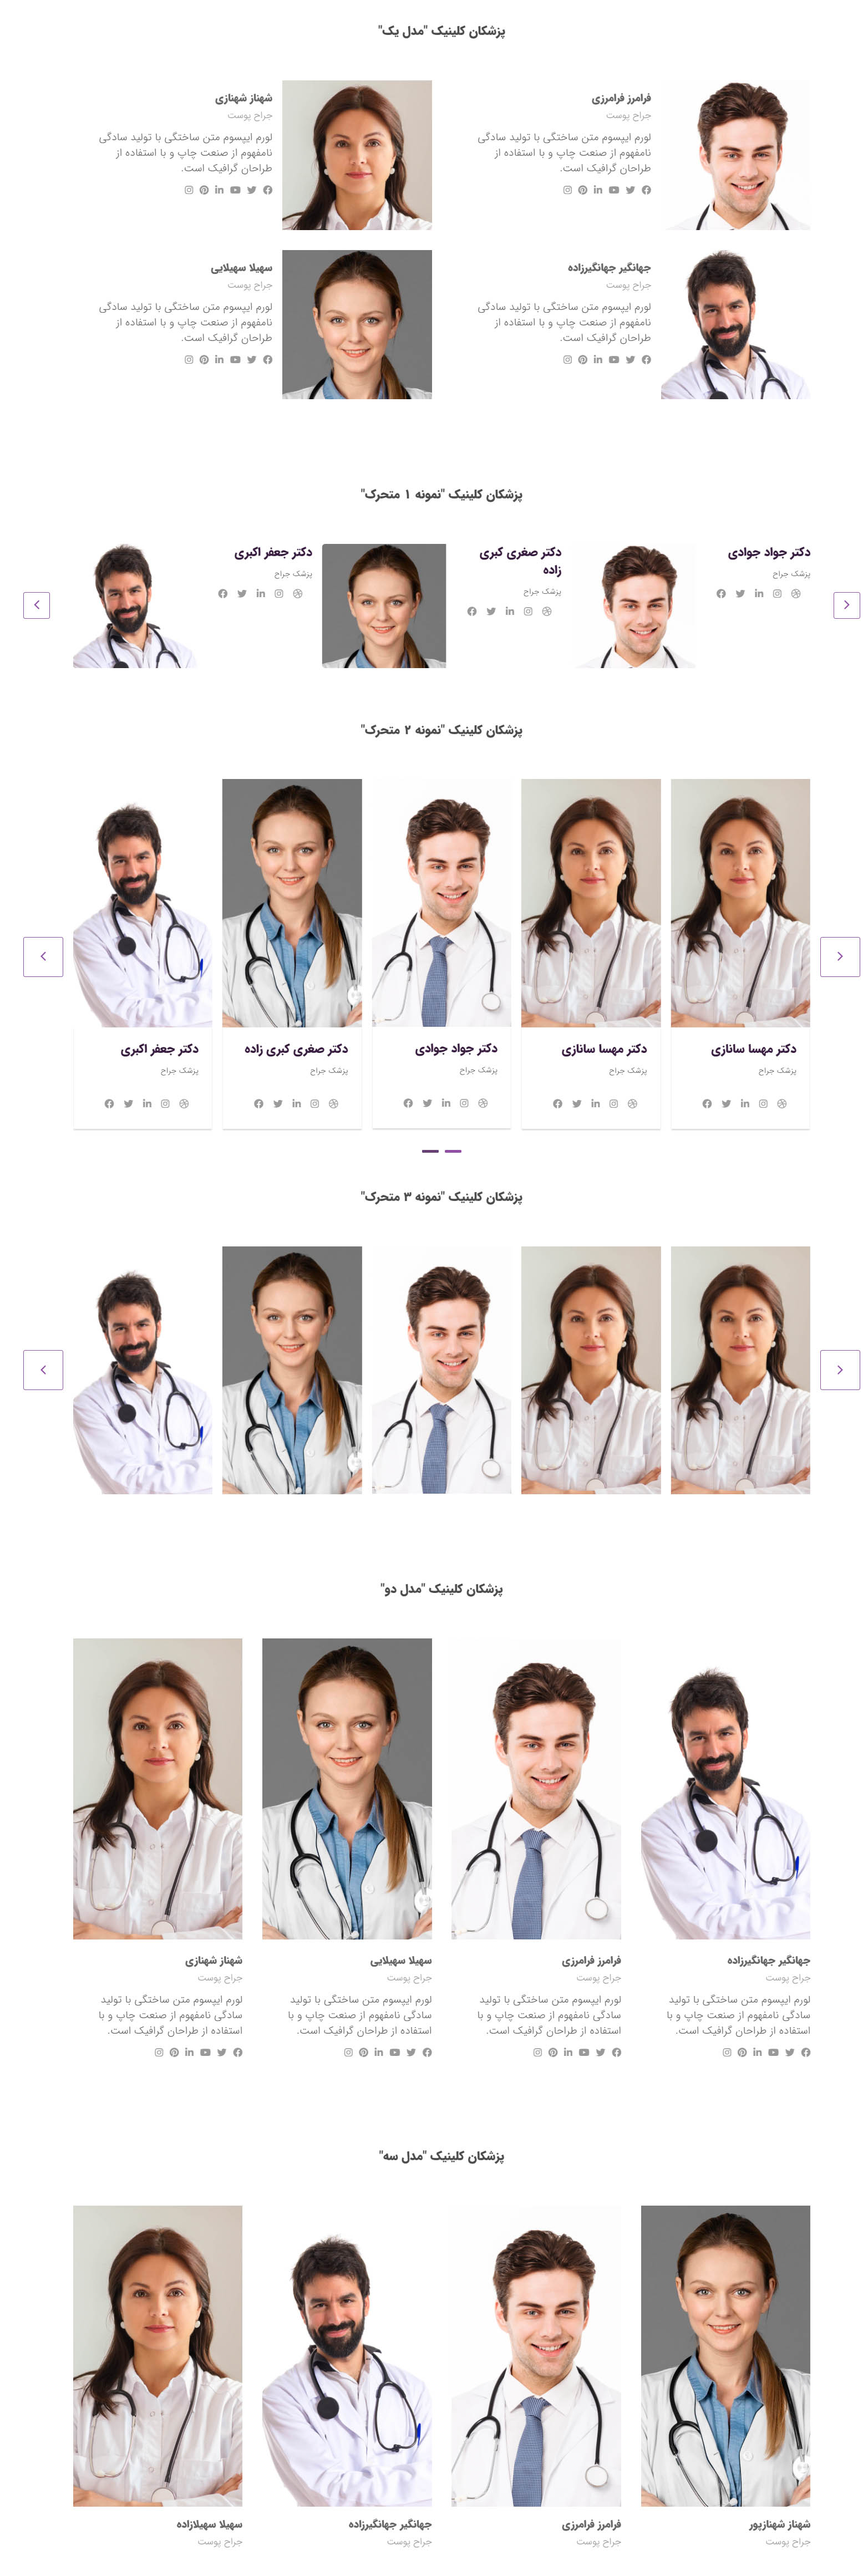 نمایش پزشکان با طرح های مختلف در قالب جوملا پزشکی zibano